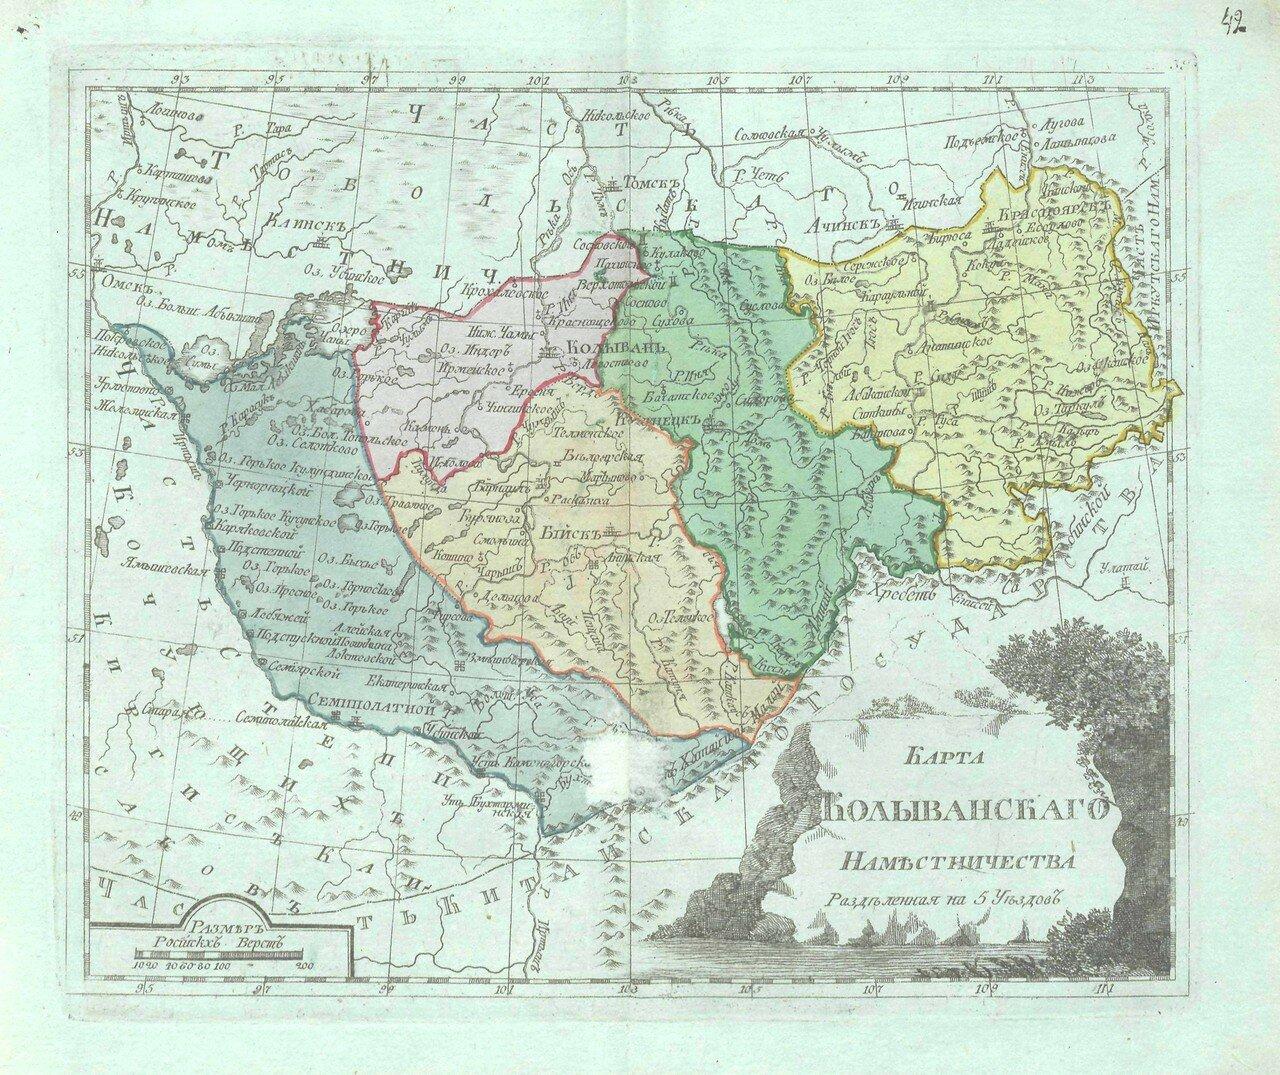 44. Карта Колыванского наместничества